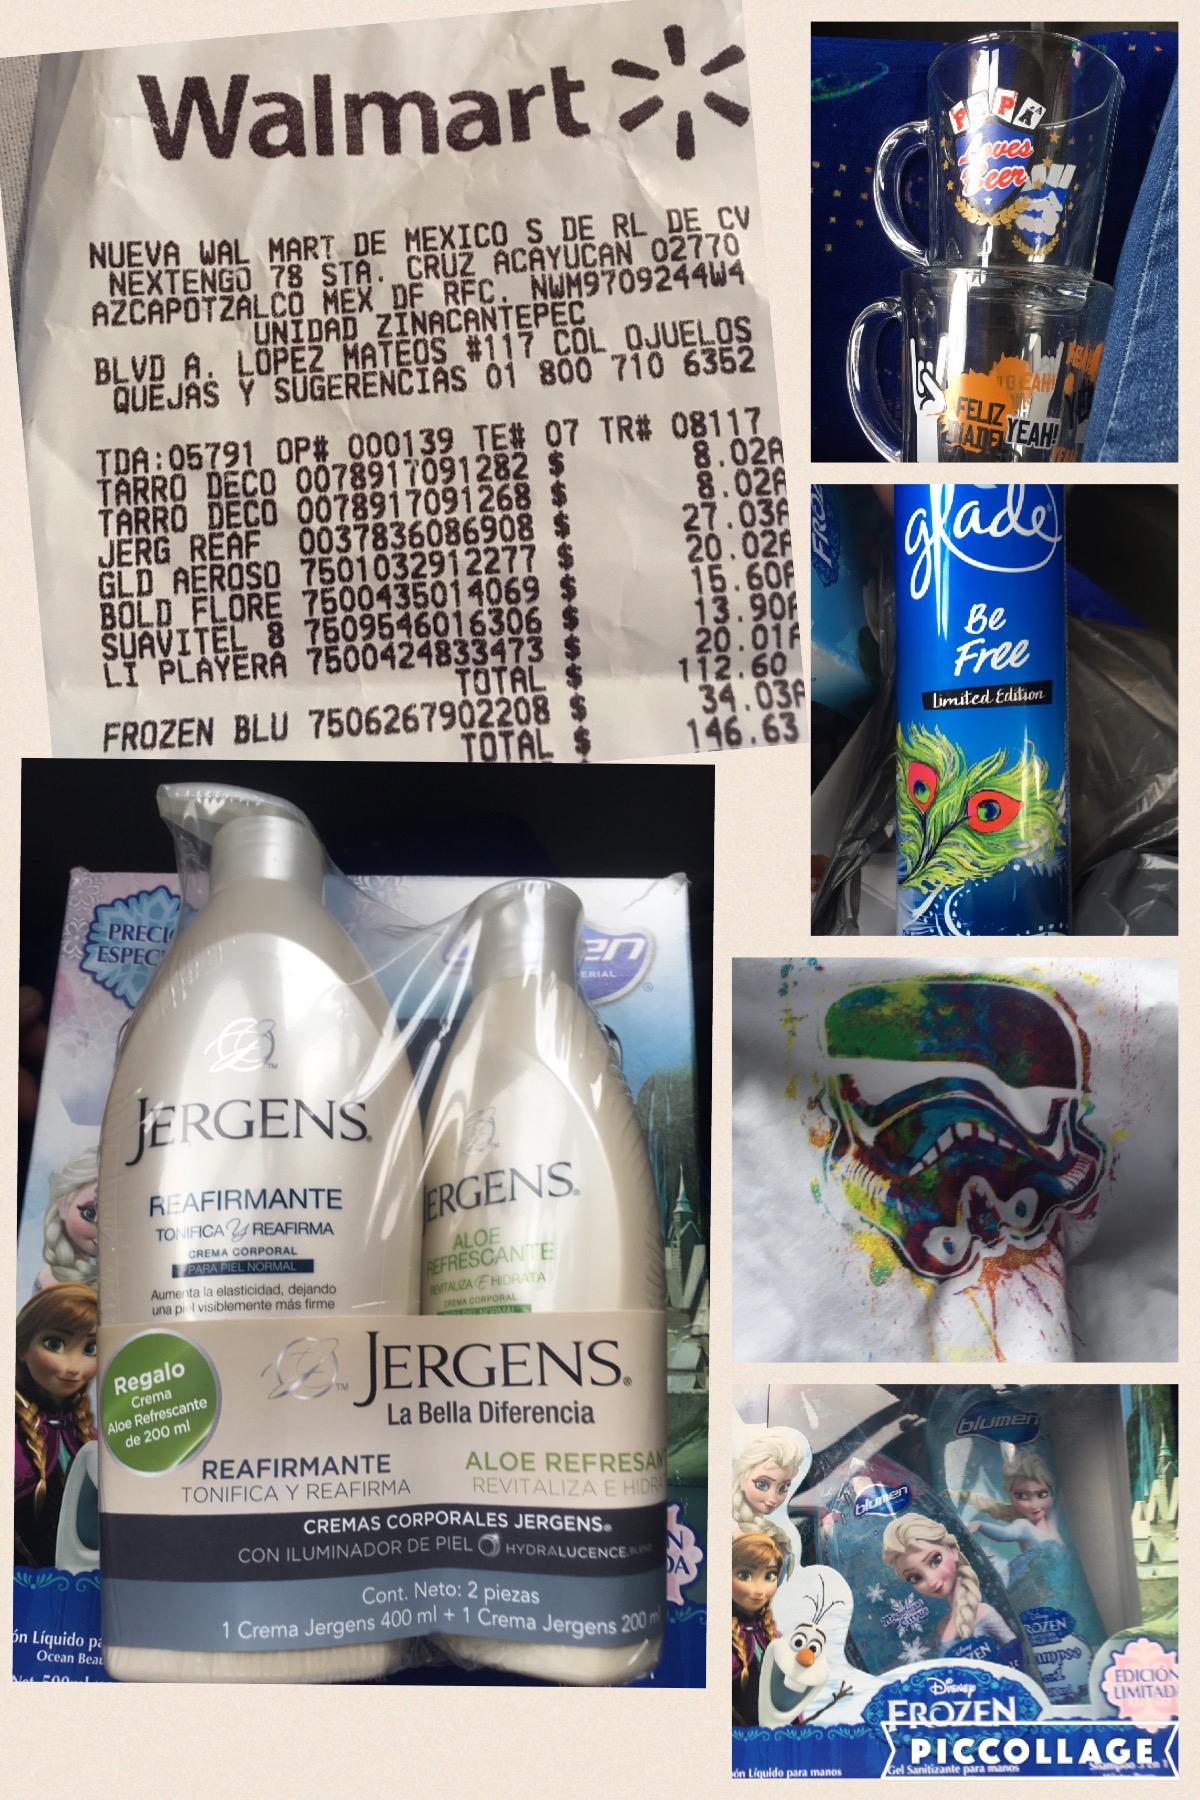 Walmart Zinacantepec liquidaciones: tarros $8.01, playera starwars $20.01 etc